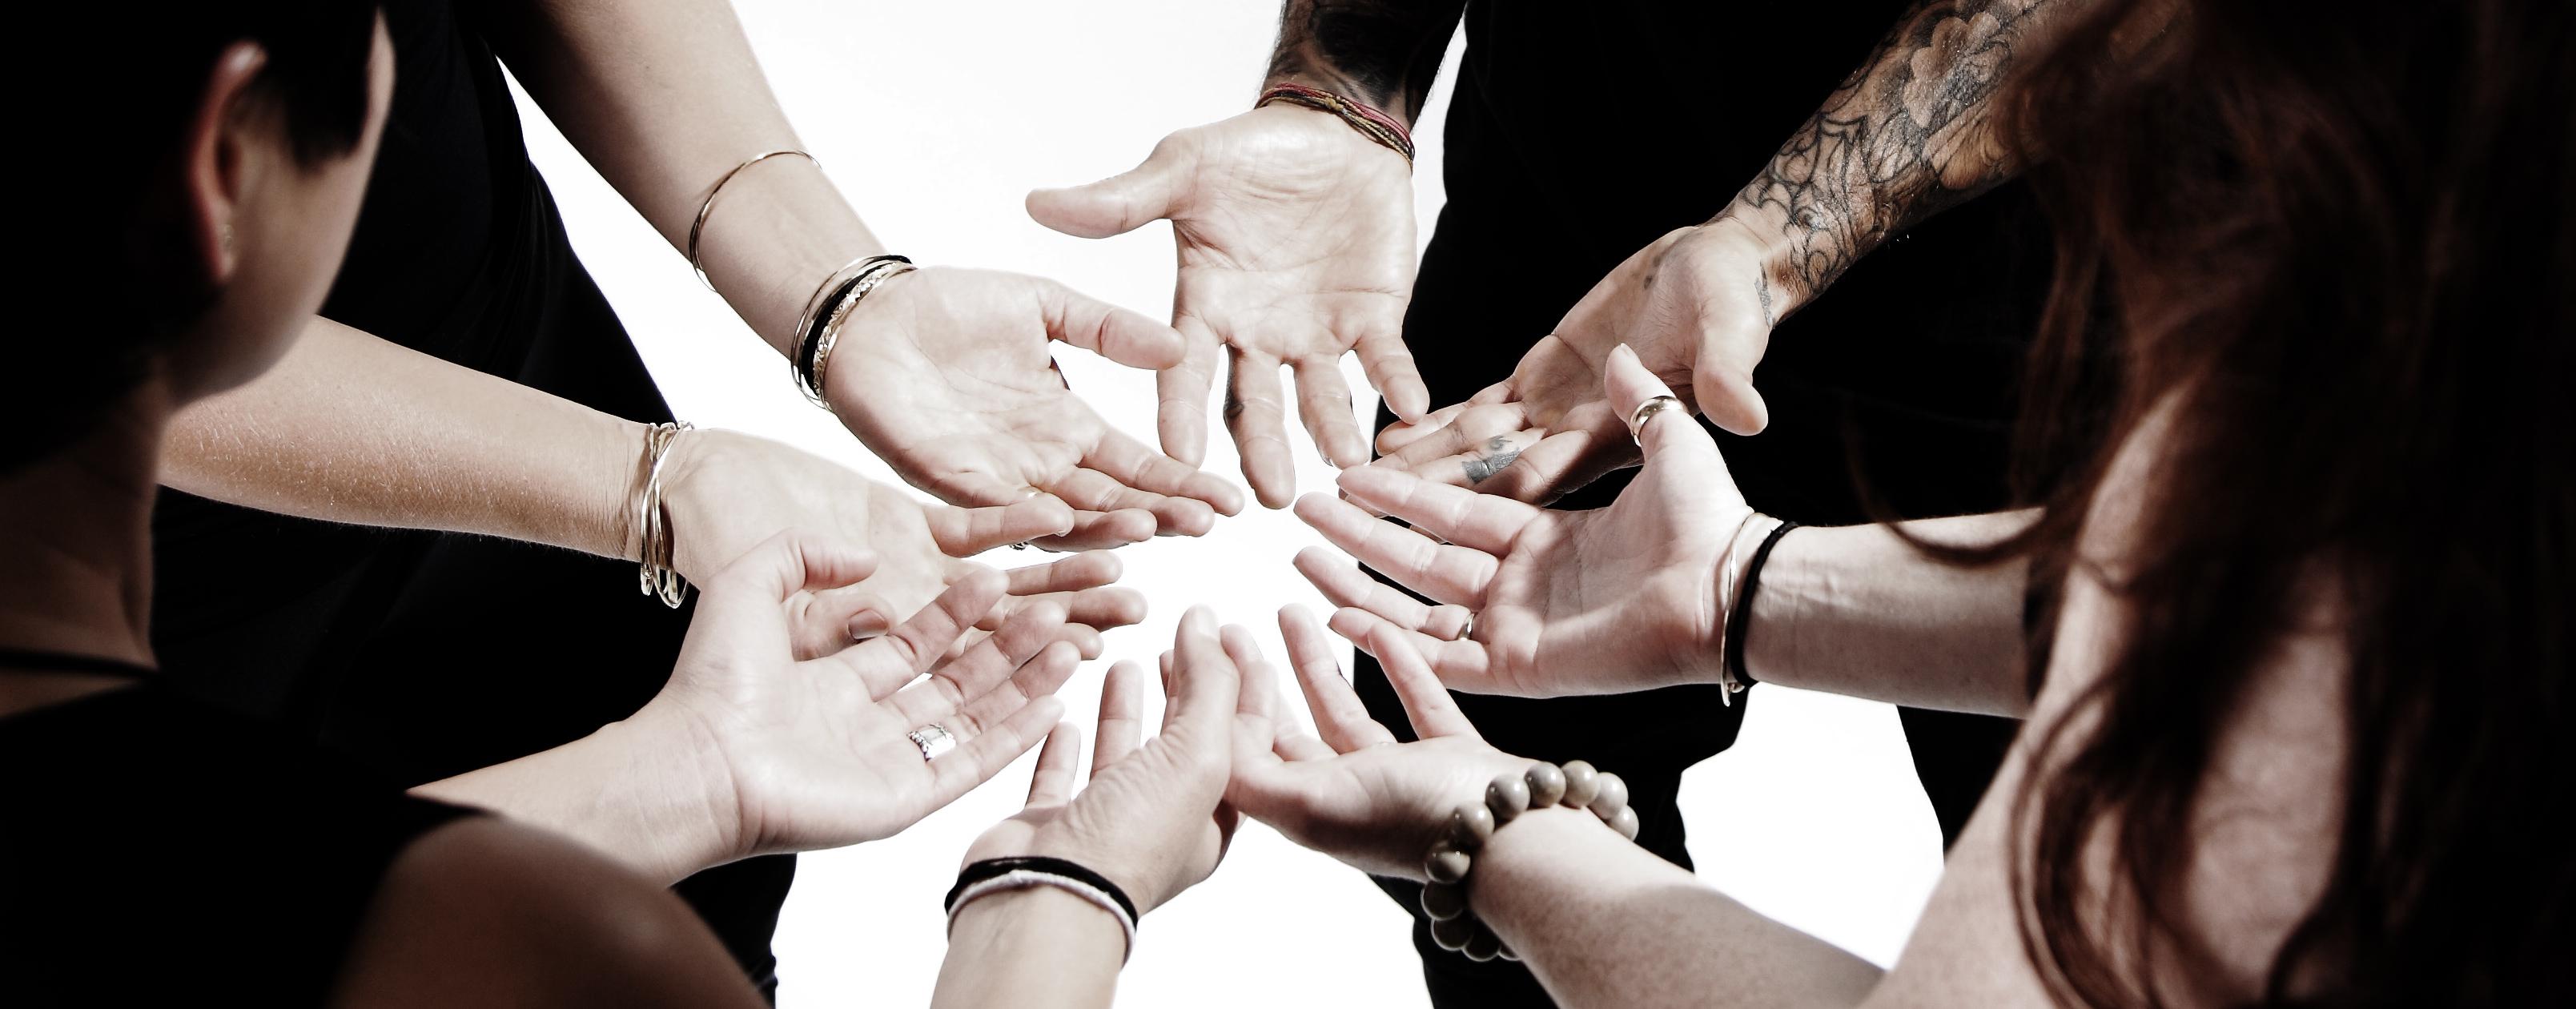 576_hands